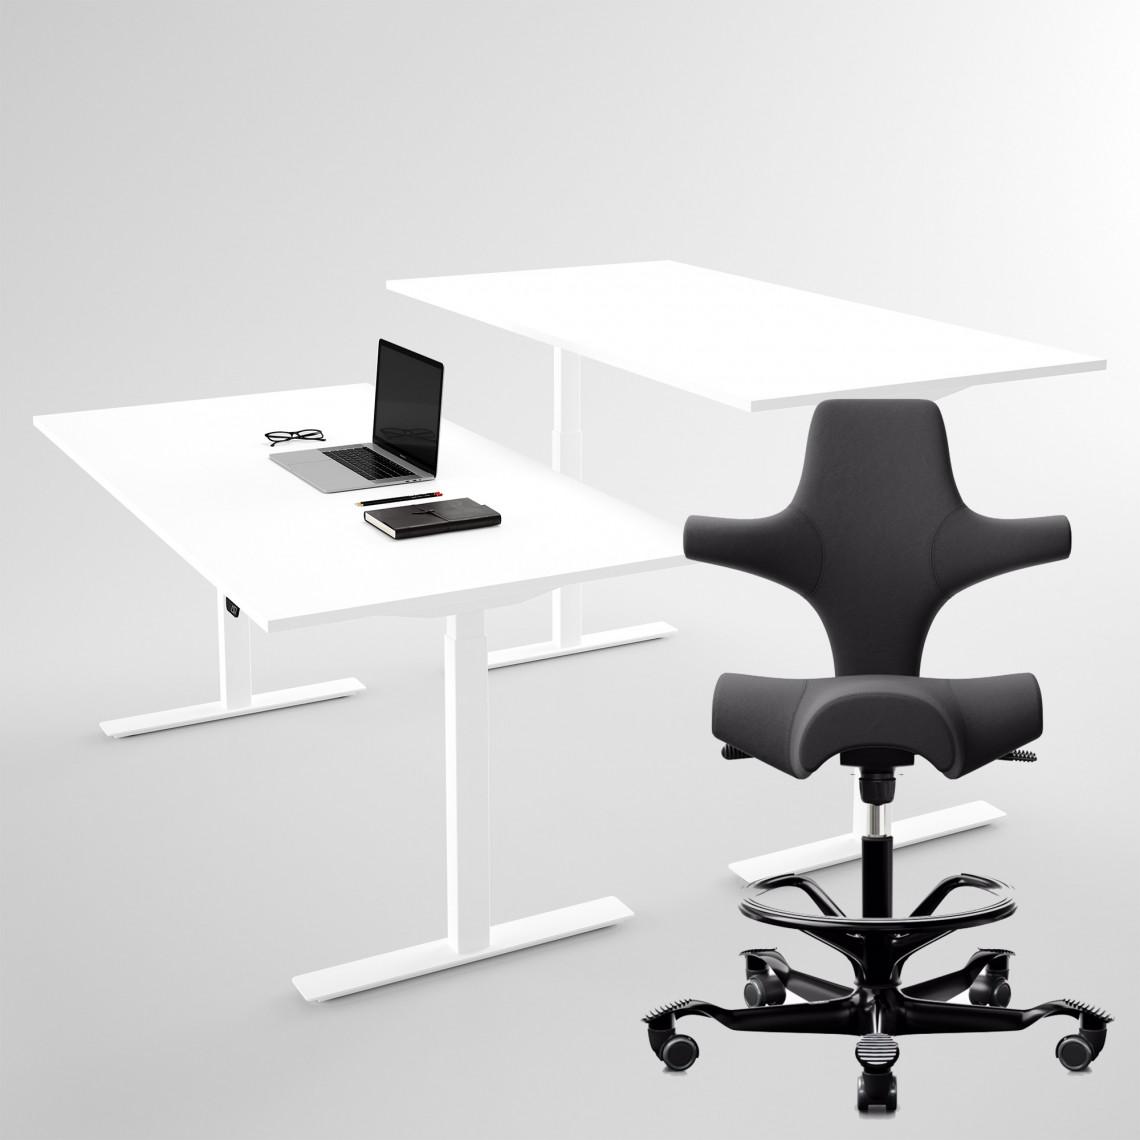 HÅG Capisco 8106, Svart + höj- och sänkbart skrivbord vitt 100x60 cm - Komplett arbetsplats